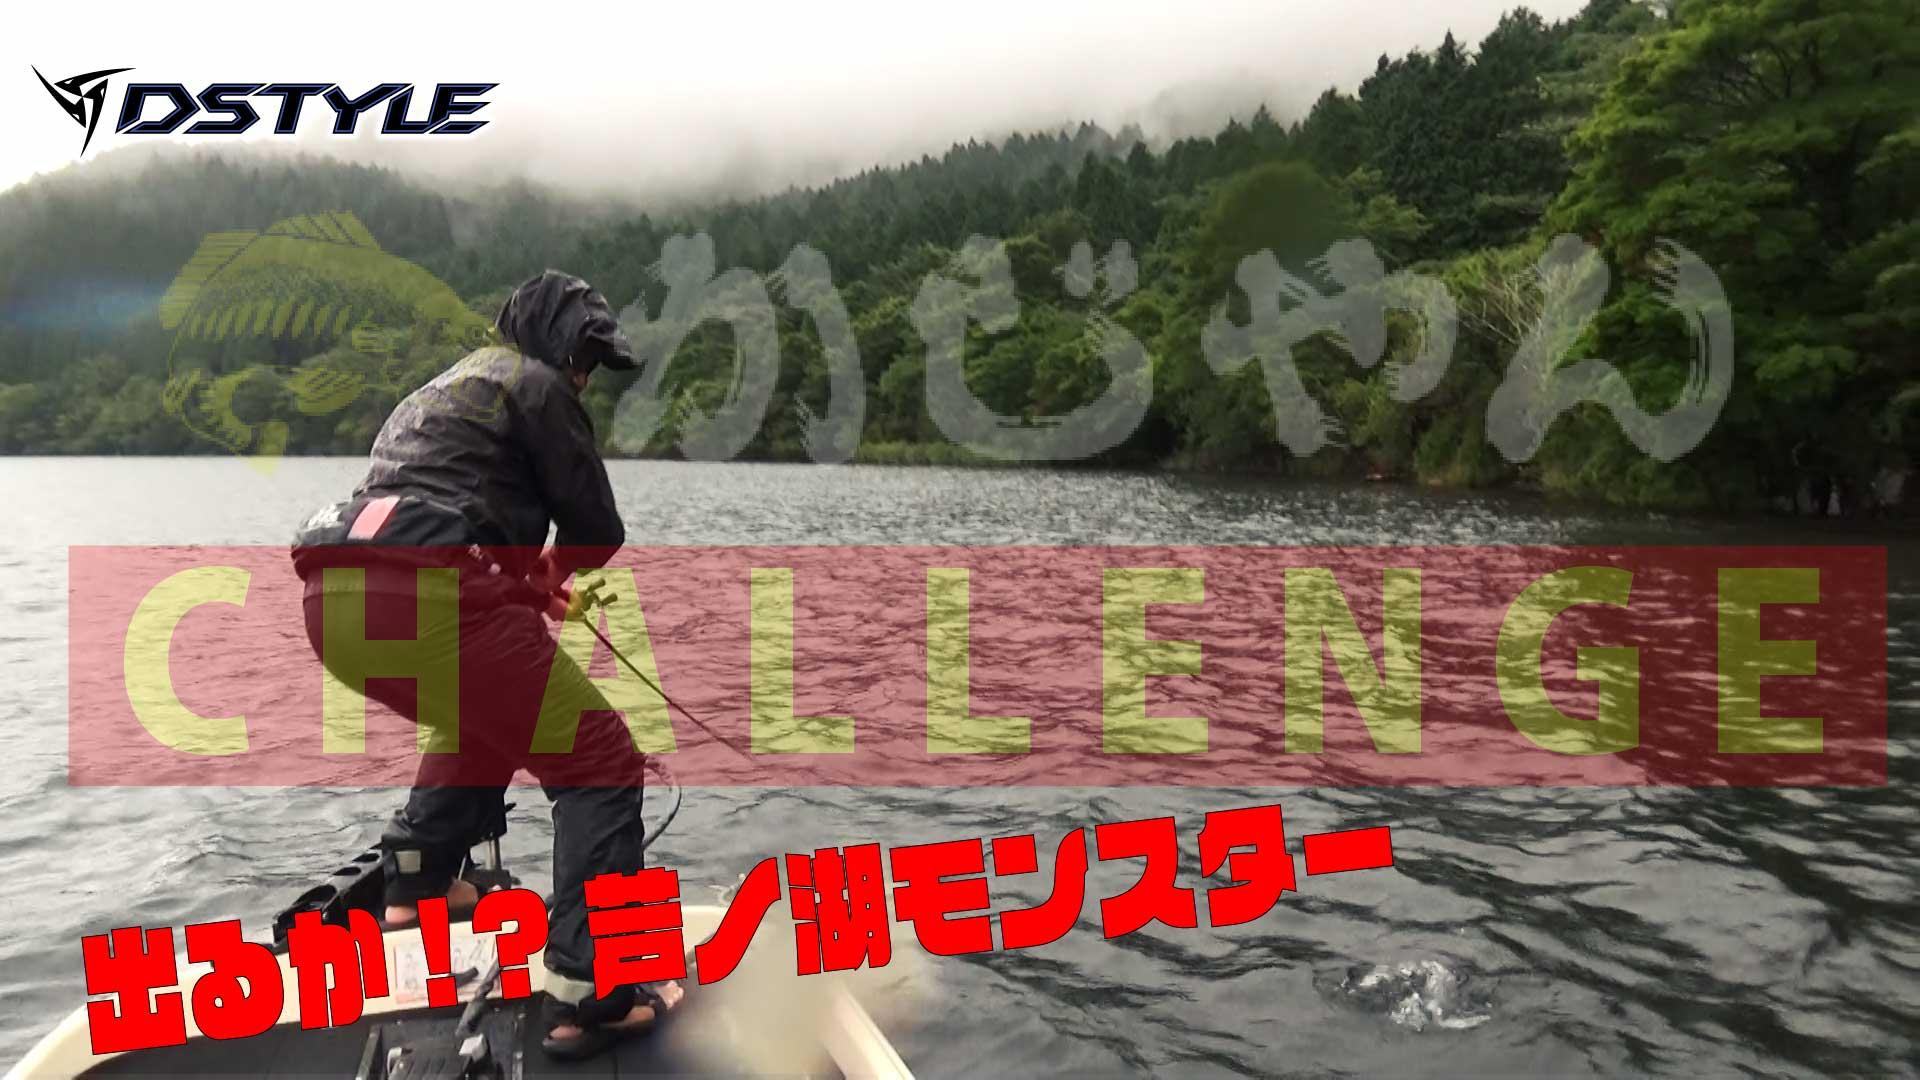 【公式】聖地芦ノ湖でDα-SPINNER BAITでモンスター捕獲!?<かじやんチャレンジ#003>